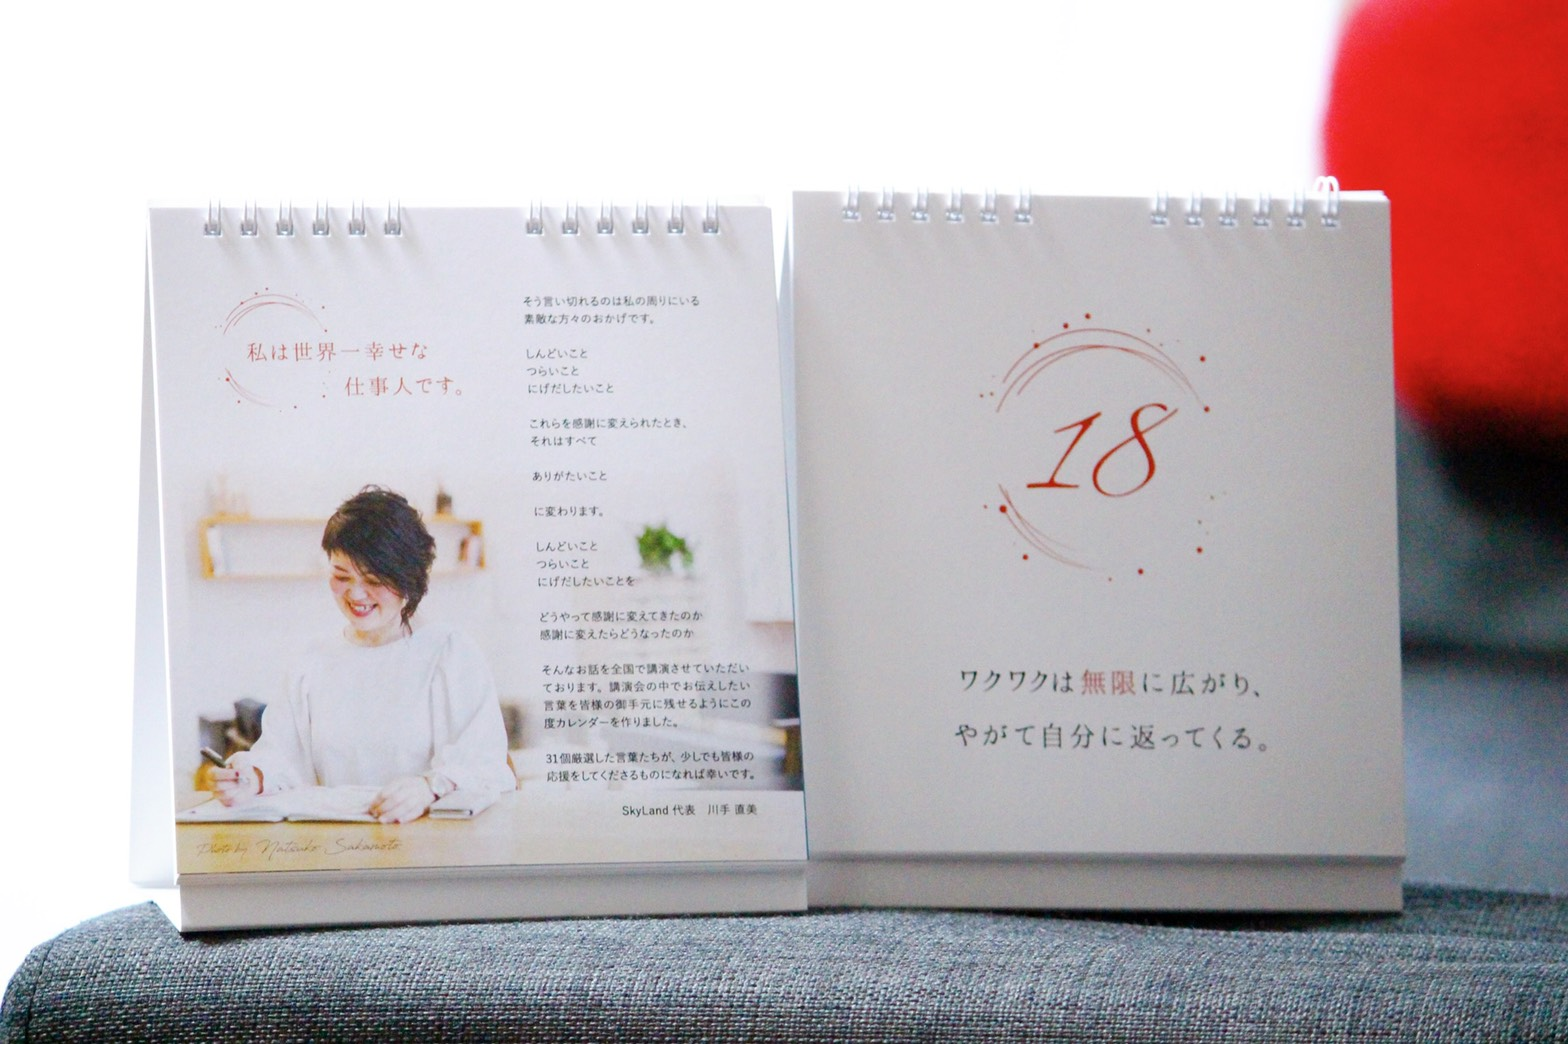 【まいにち、直美!】SkyLand川手直美氏 世界一幸せな仕事人になる日めくりカレンダー